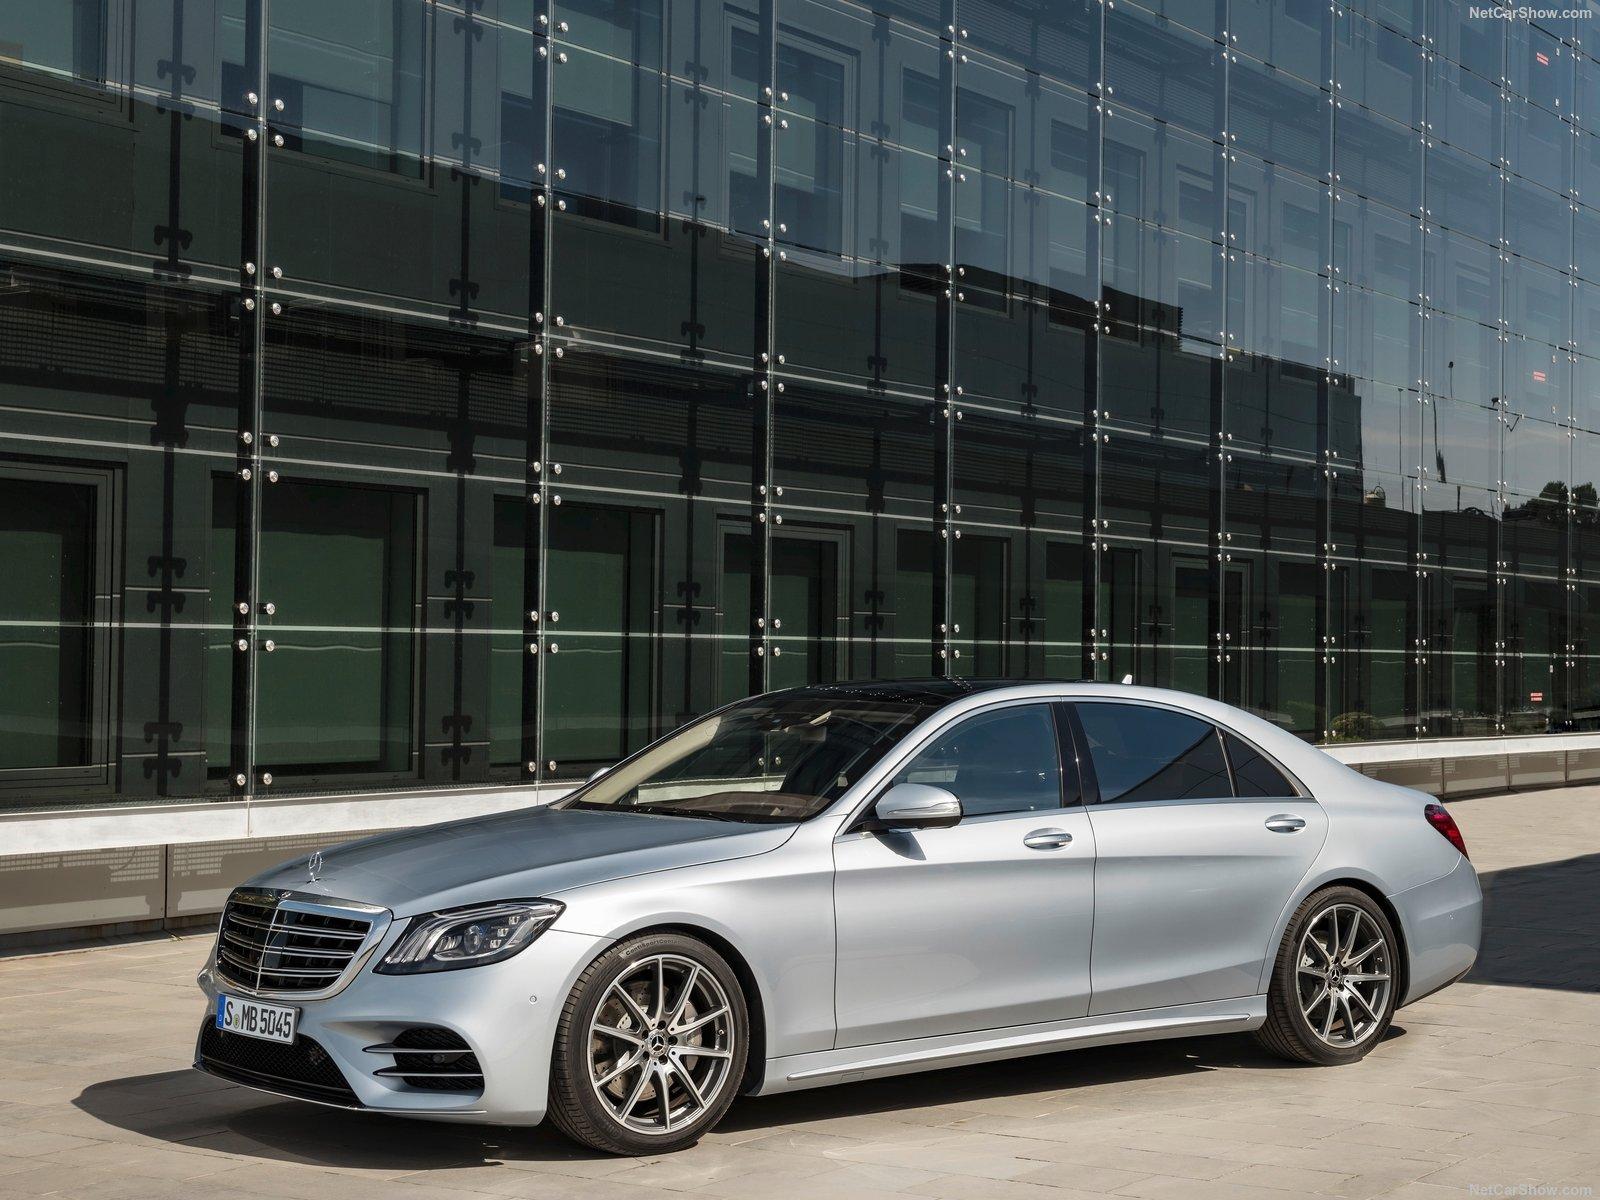 Mercedes-Benz-S-Class-2018-1600-01.jpg